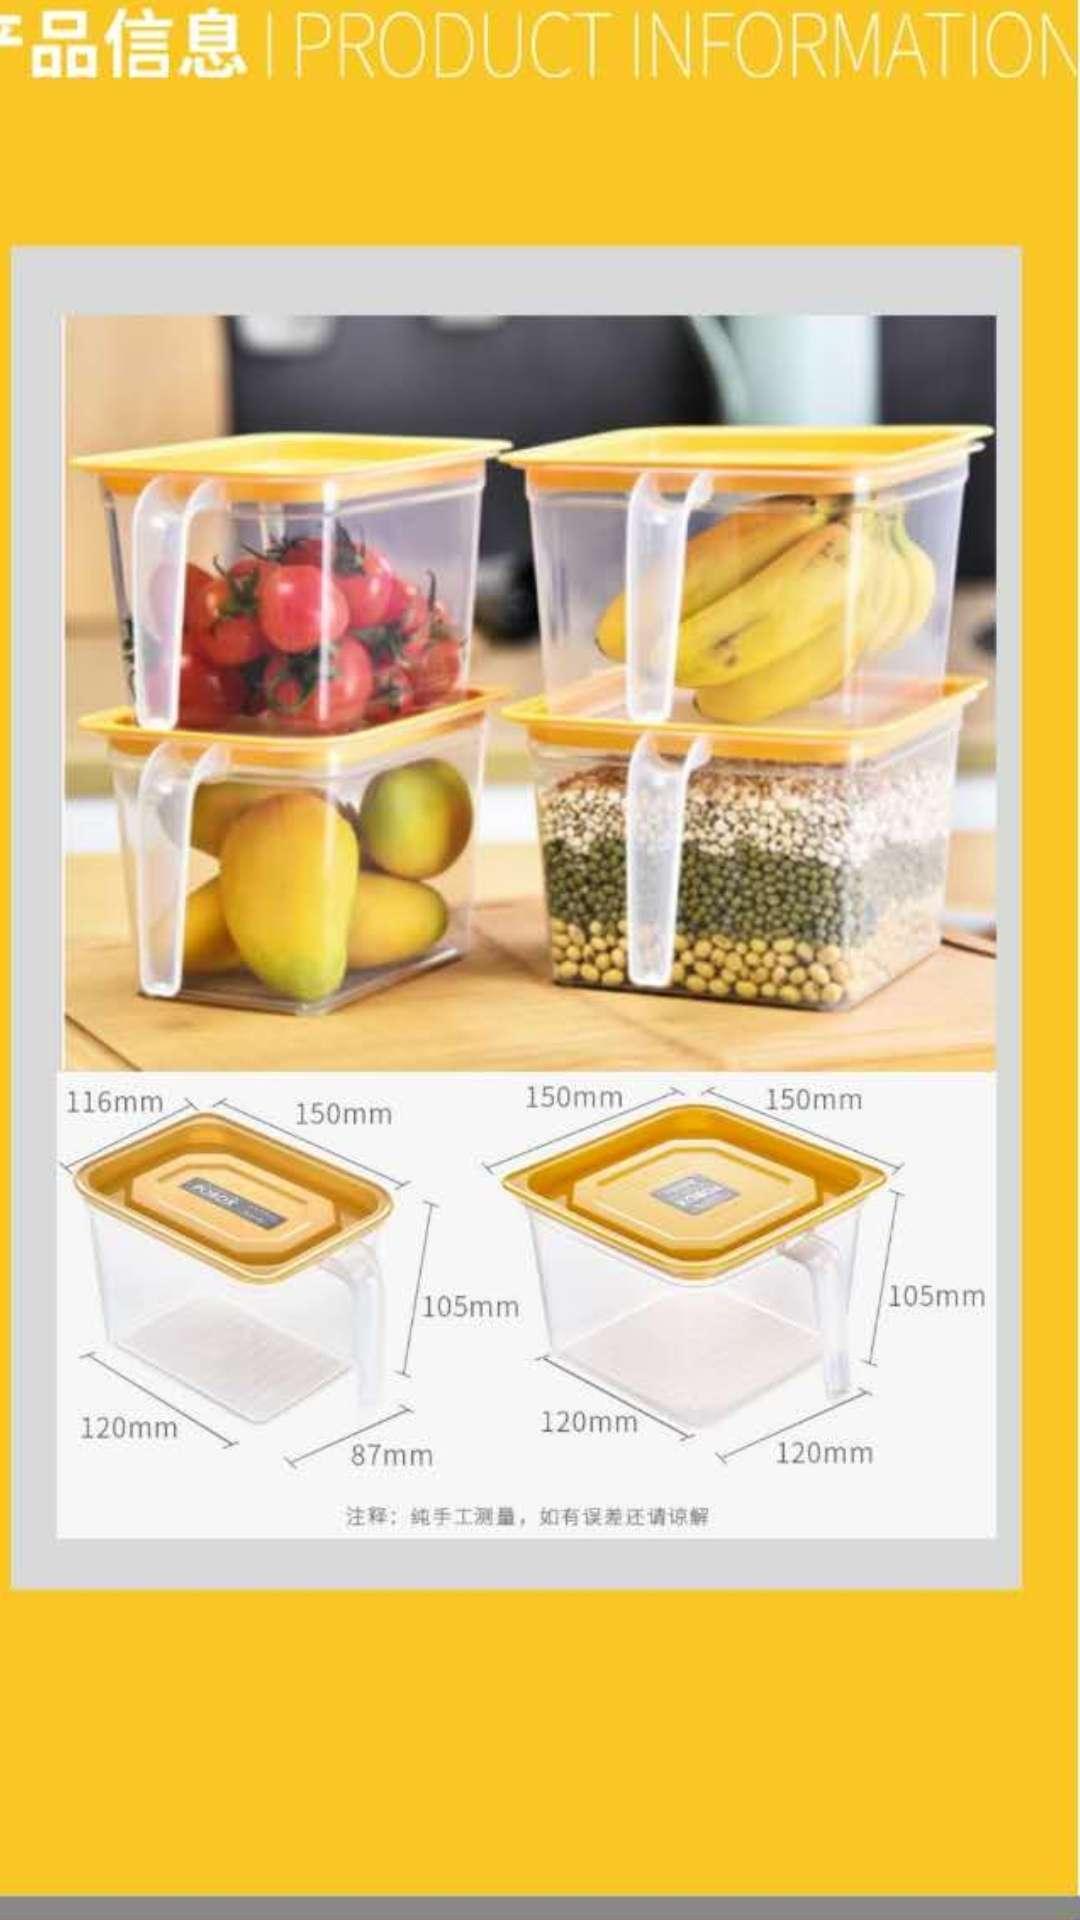 保鲜盒,可叠加,可冷藏,可微波,可放水果,可放简餐,可放蔬菜密封保鲜盒